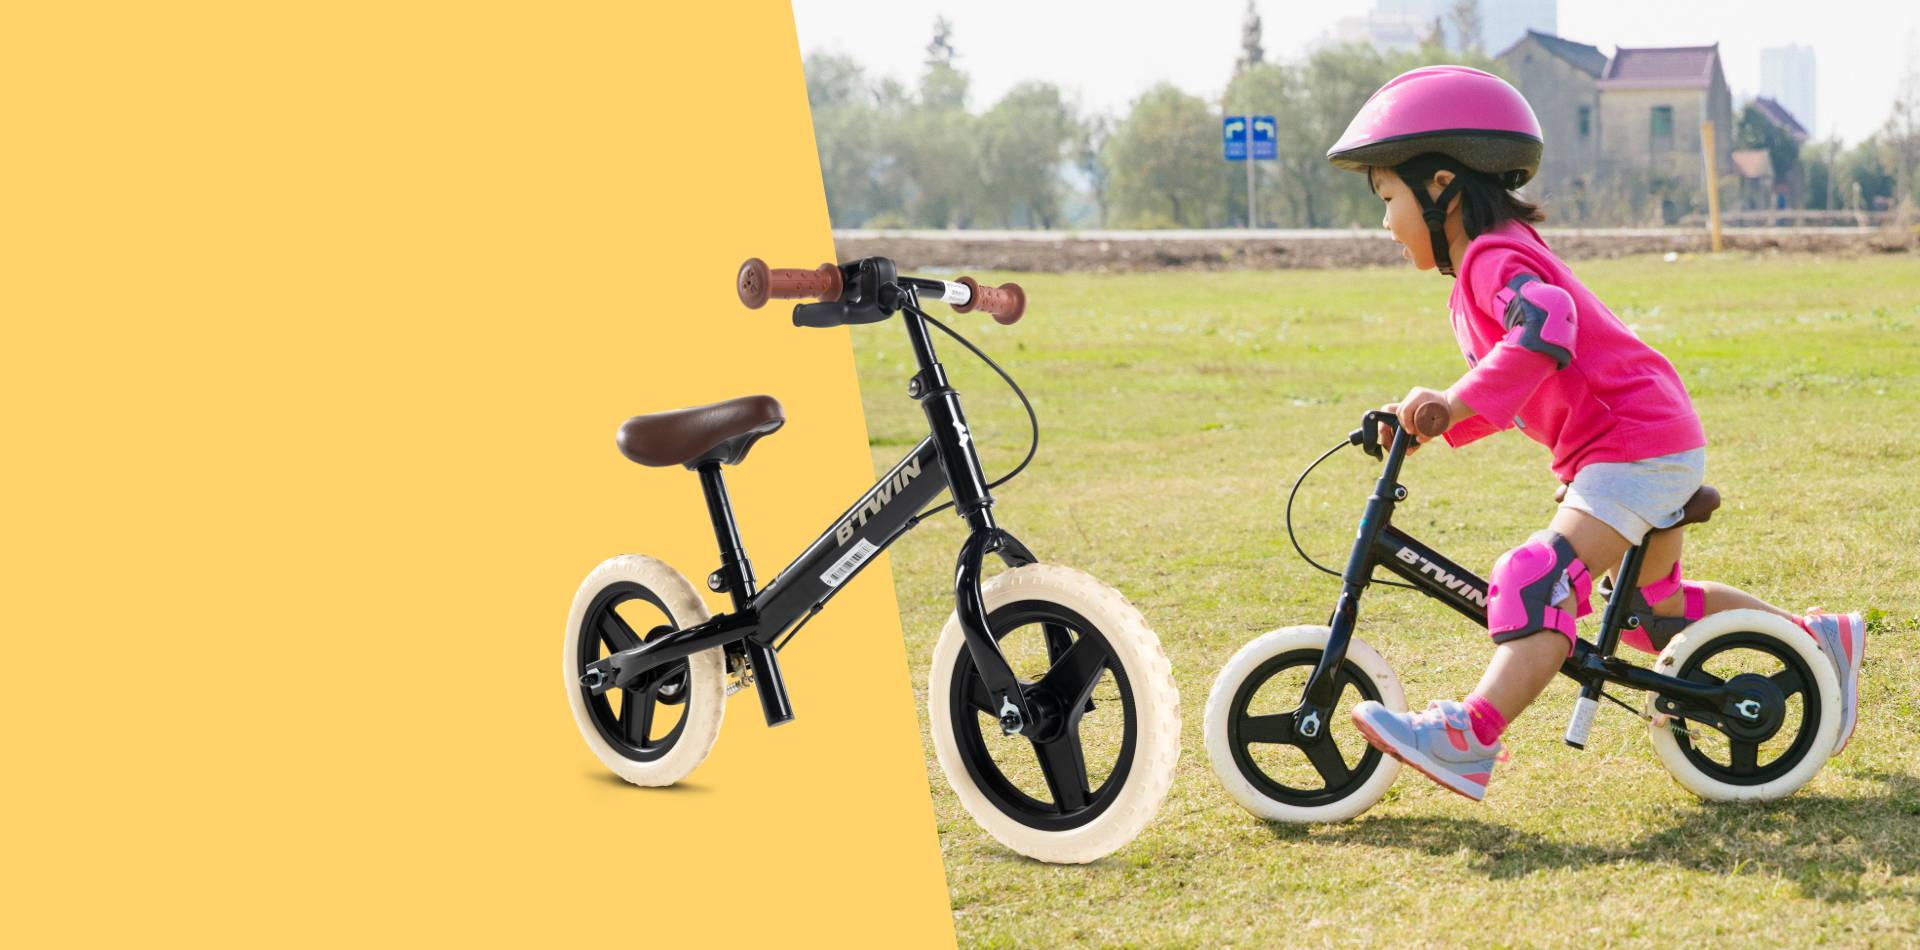 サイクリング ペダルなしトレーニングバイク 子供用 Run Ride 520 Cruiser 10インチ自転車